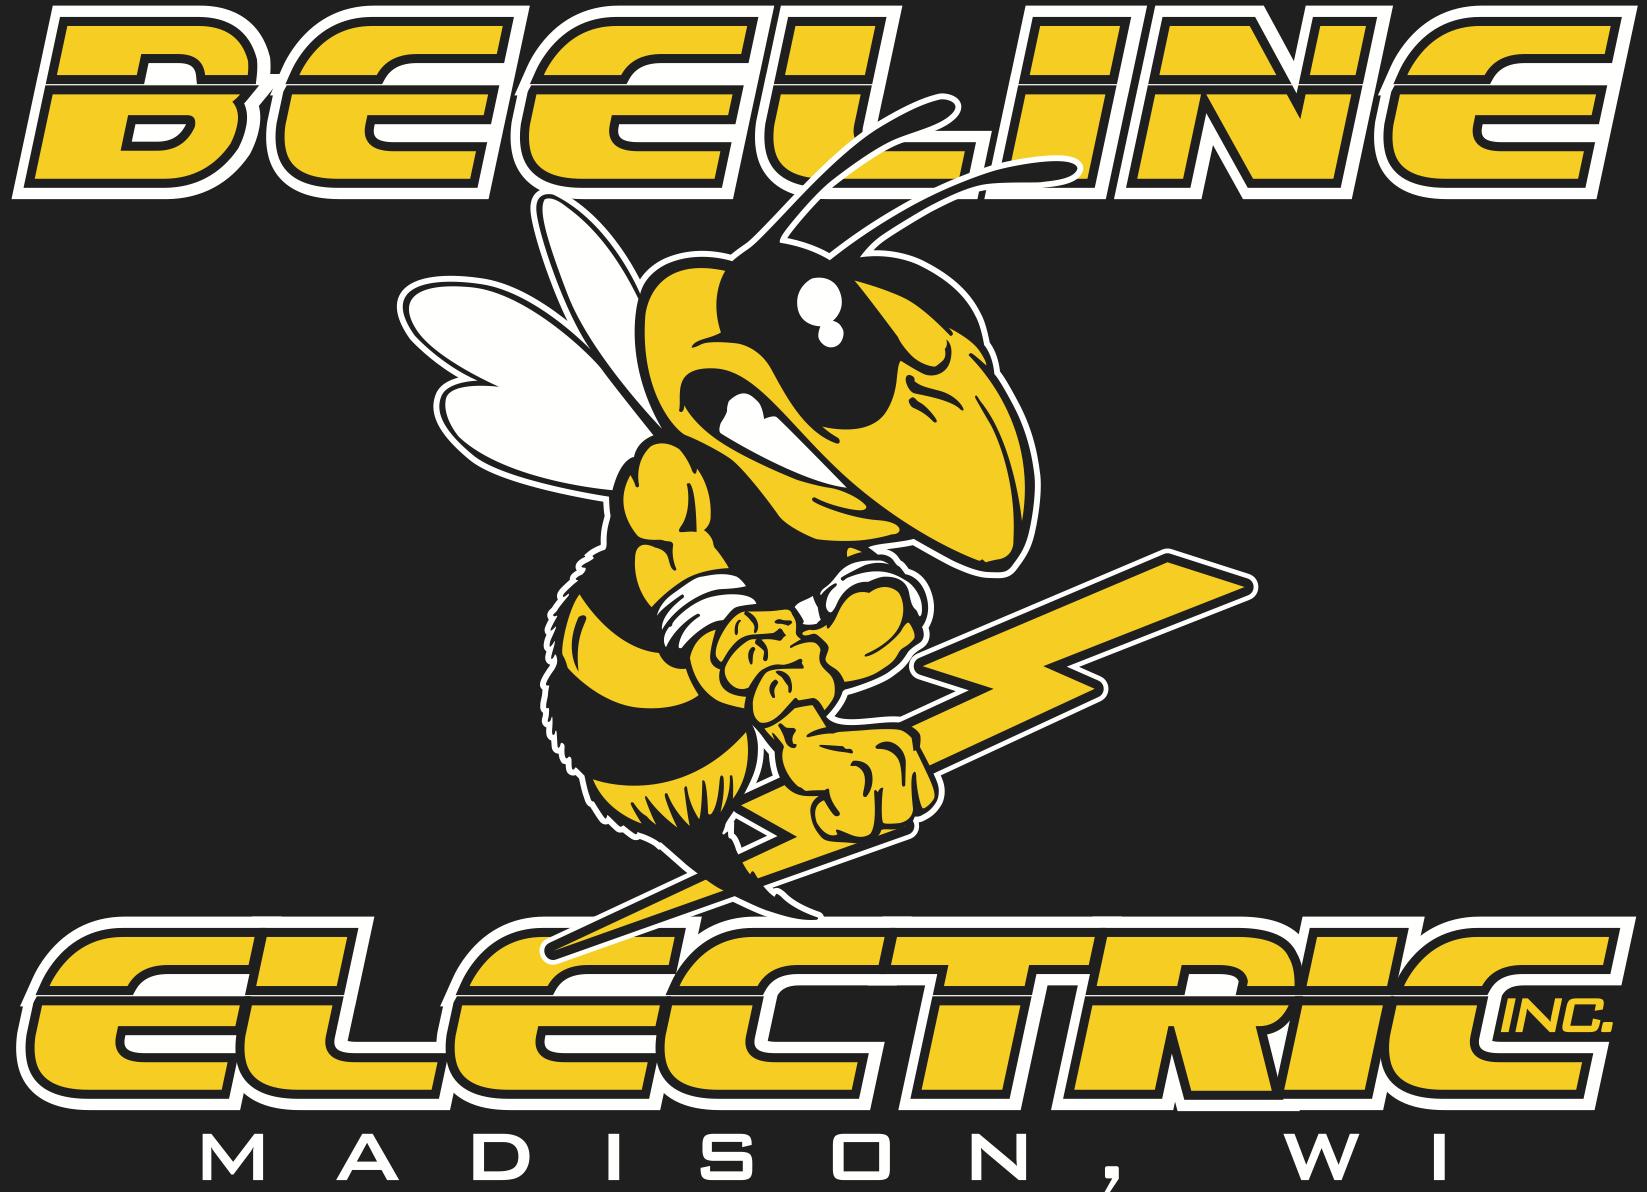 Beeline Electric Logo